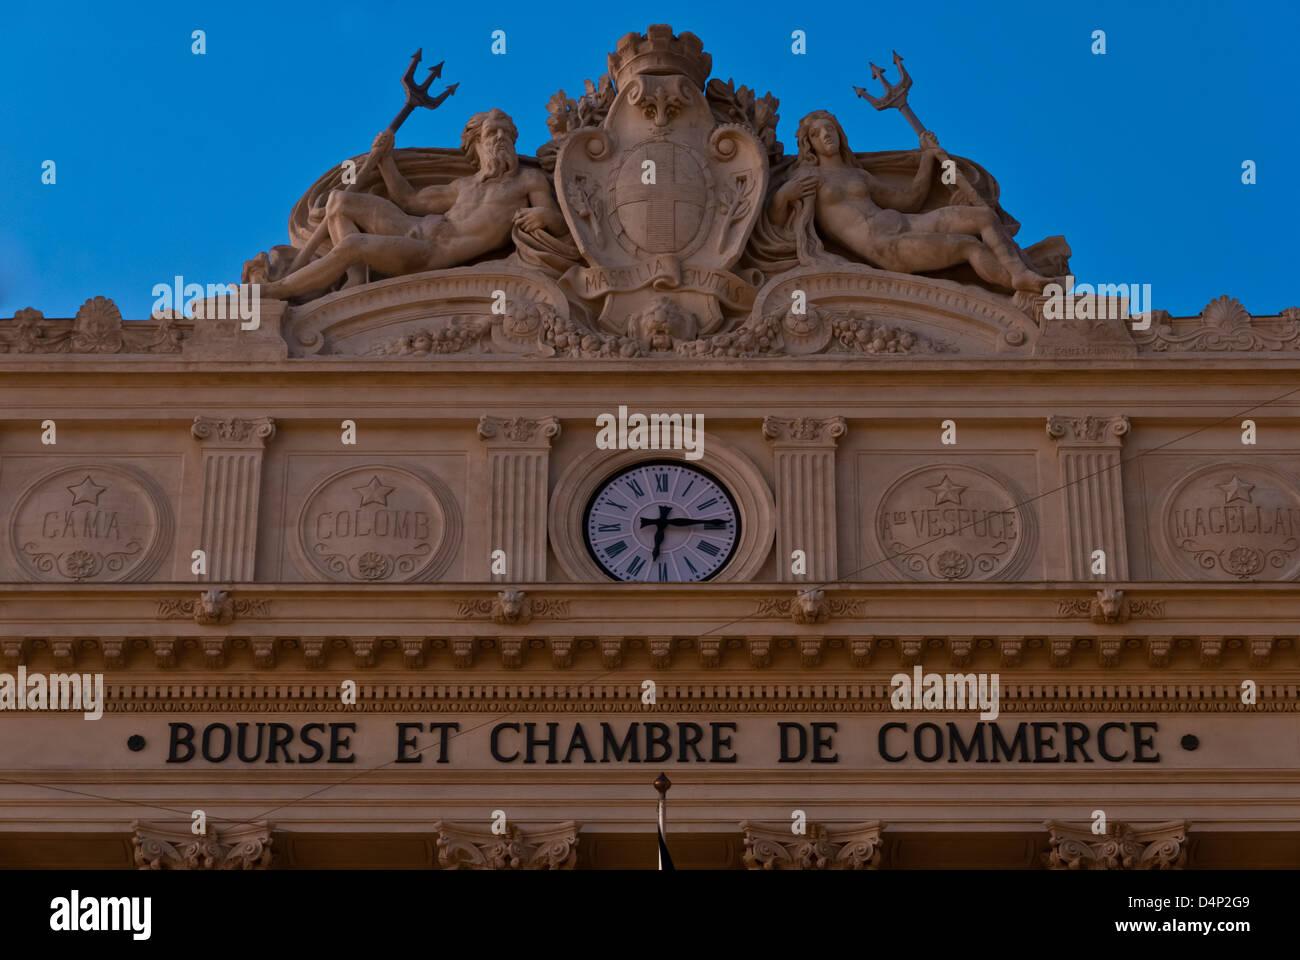 Bourse du commerce stock photos bourse du commerce stock images alamy - Chambre des commerce marseille ...